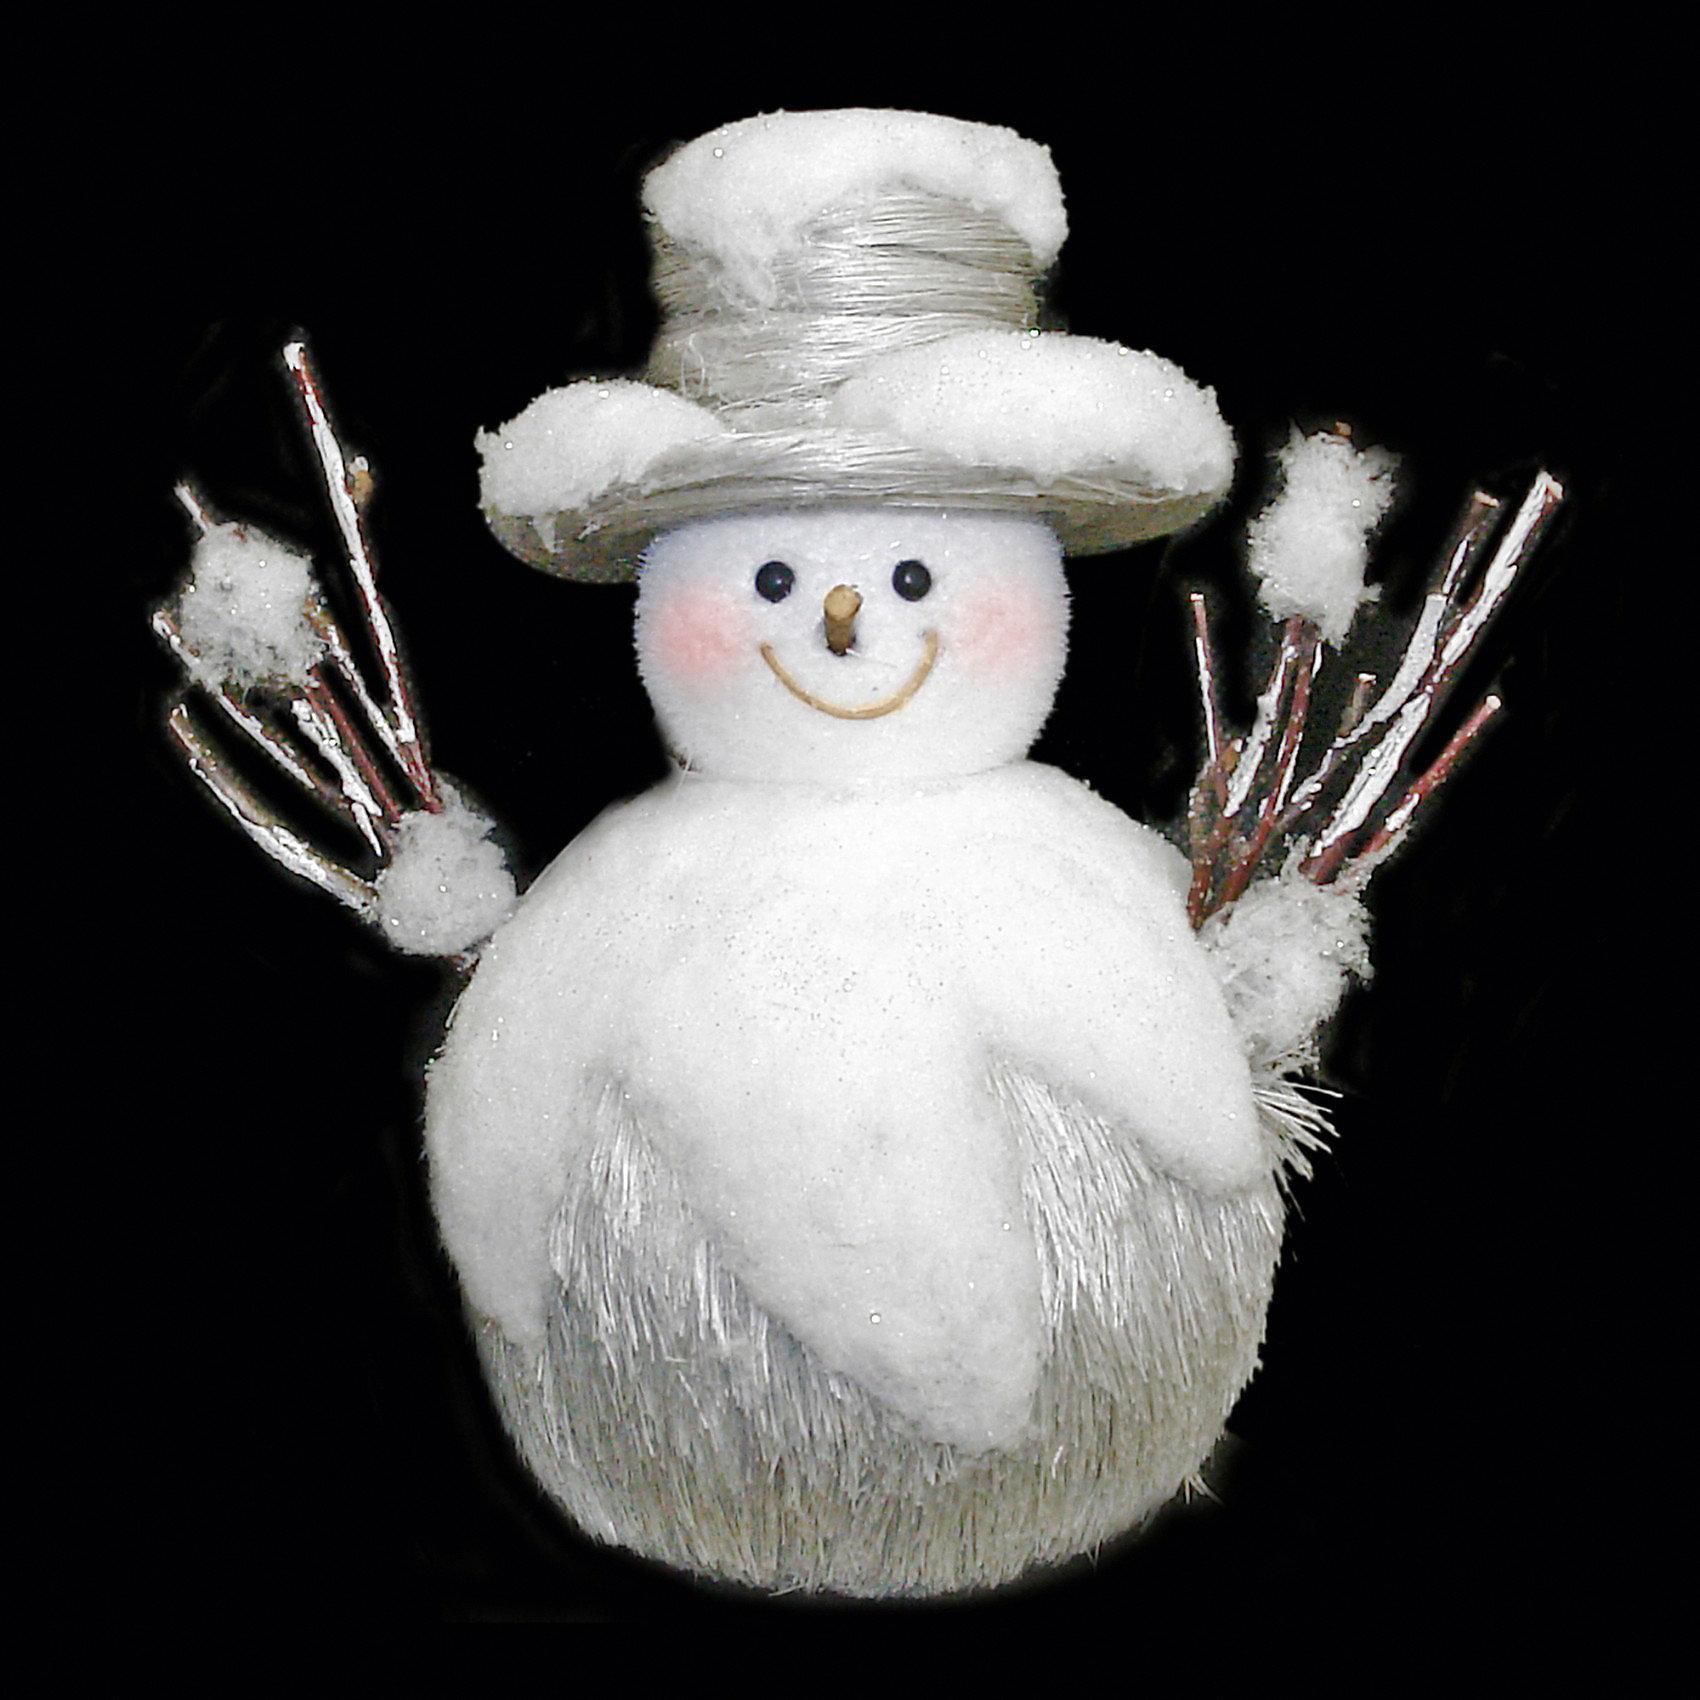 Сувенир СнеговикСувенир Снеговик, Волшебная страна станет замечательным украшением Вашего новогоднего интерьера и приятным подарком для родных и друзей. Сувенир выполнен в виде<br>забавного снеговика с руками-веточками и изготовлен из мягкого, приятного на ощупь материла. Упакован в коробочку ПВХ. <br><br>Дополнительная информация:<br><br>- Вес: 140 гр. <br><br>Сувенир Снеговик, Волшебная страна можно купить в нашем интернет-магазине.<br><br>Ширина мм: 500<br>Глубина мм: 120<br>Высота мм: 340<br>Вес г: 140<br>Возраст от месяцев: 60<br>Возраст до месяцев: 180<br>Пол: Унисекс<br>Возраст: Детский<br>SKU: 3791457